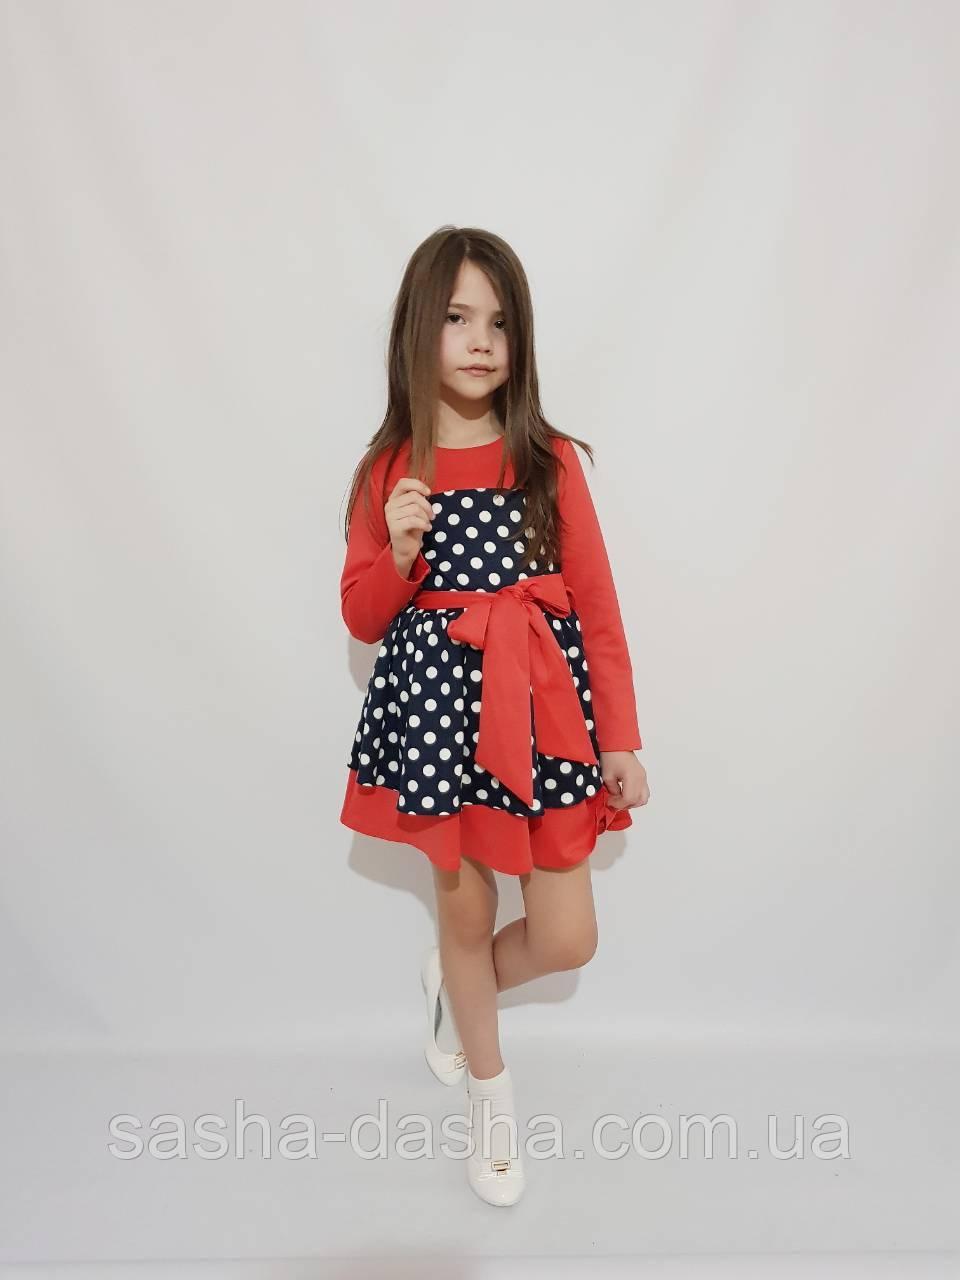 Нарядное платье для девочки. - Саша и Даша. Интернет-магазин детских  товаров, 44348c7e2a8